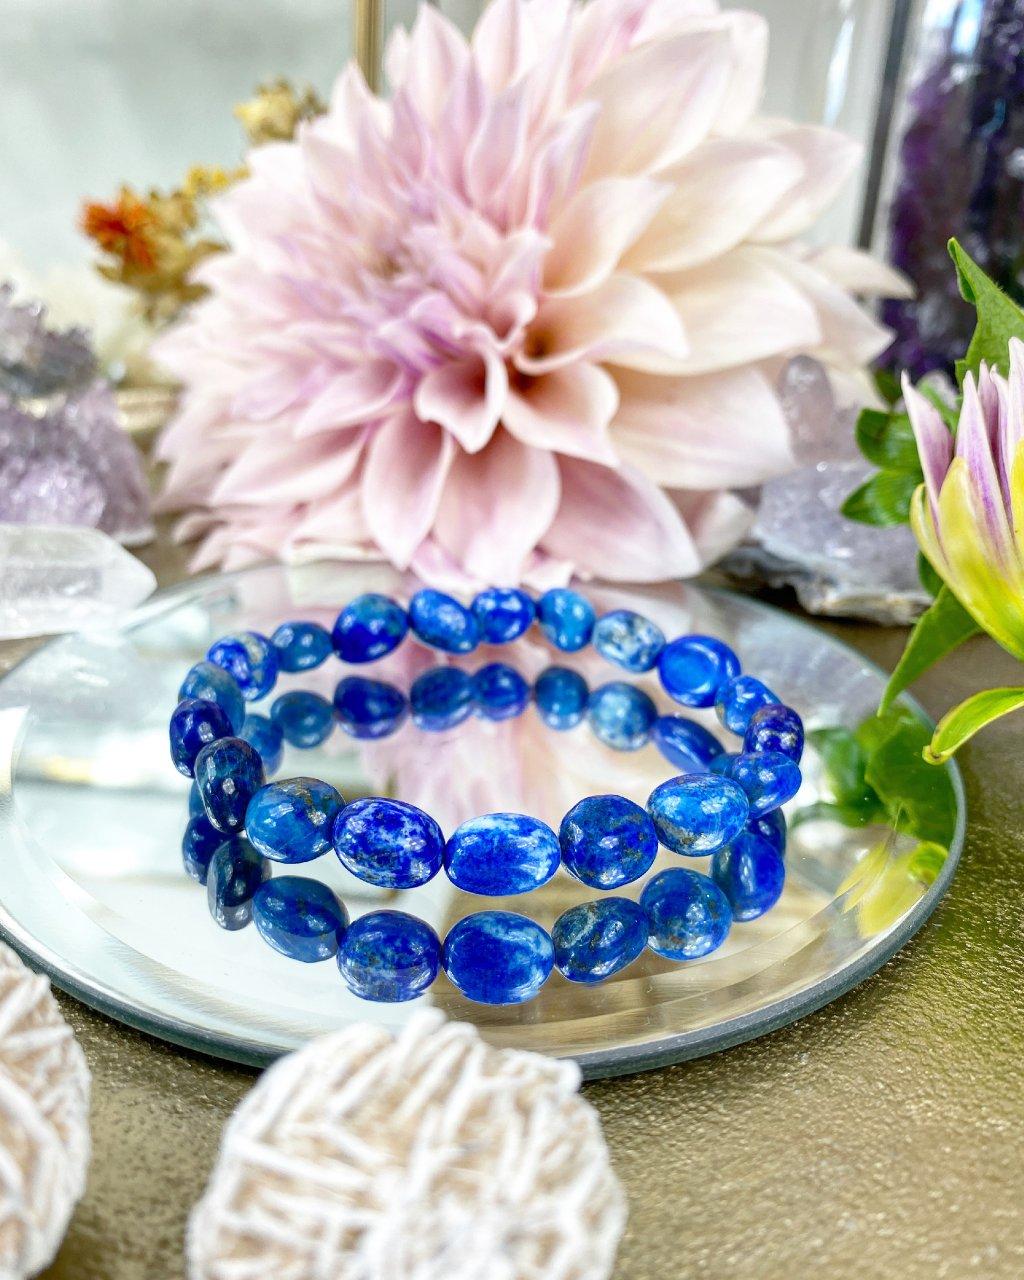 Náramek z minerálu lapis lazuli oblázky